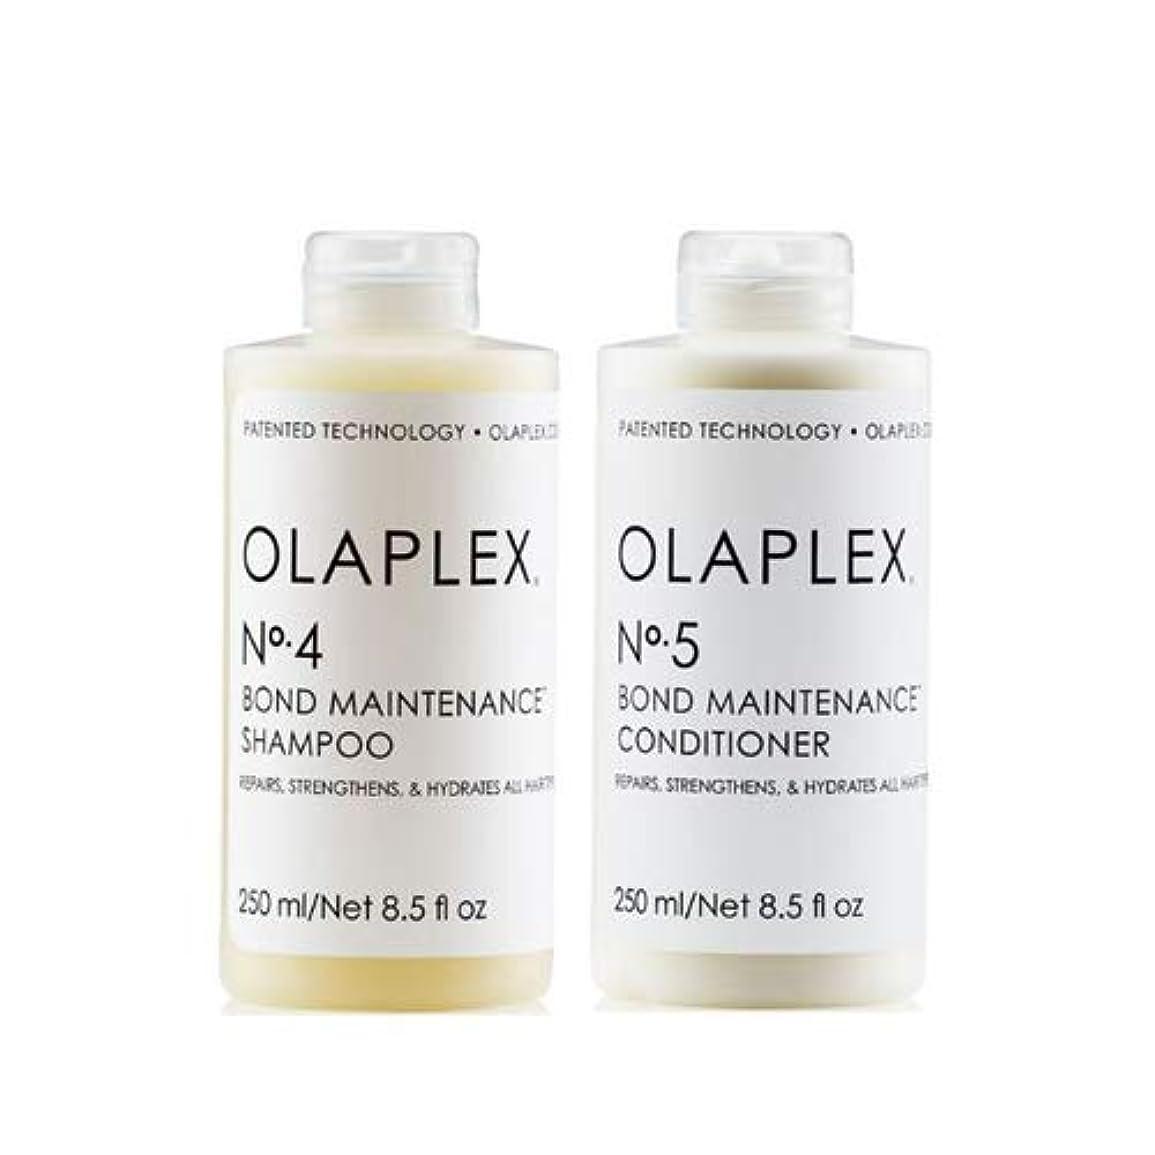 逃すさようなら右Olaplex オラプレックス No. 4 5 ボンド メンテナンス シャンプー&コンディショナー Olaplex Bond Maintenance Shampoo & Conditioner 【並行輸入品】